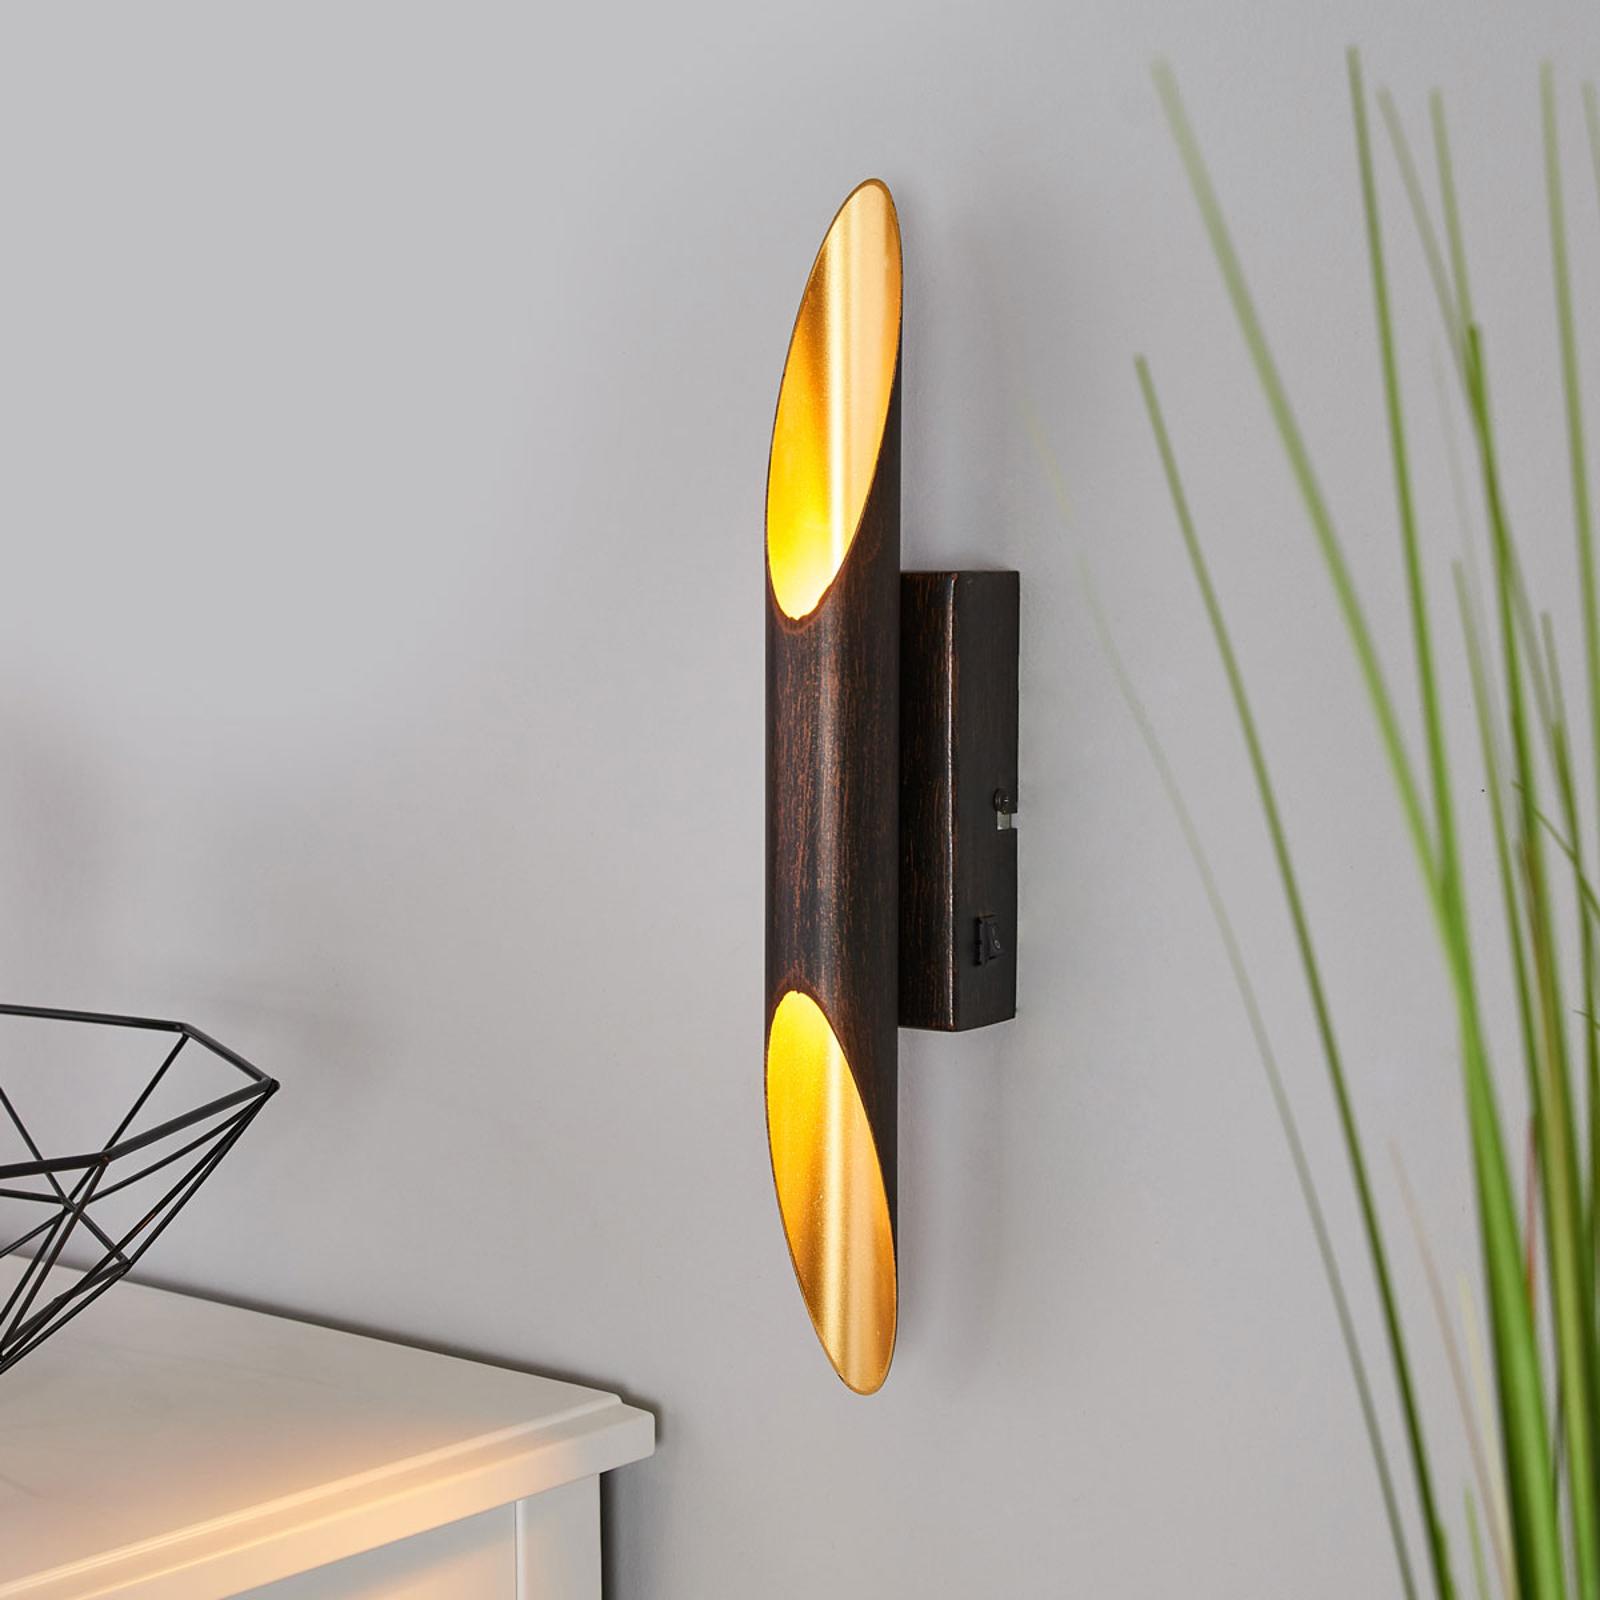 LED-Wandleuchte Bolero, oben/unten, rost, gold